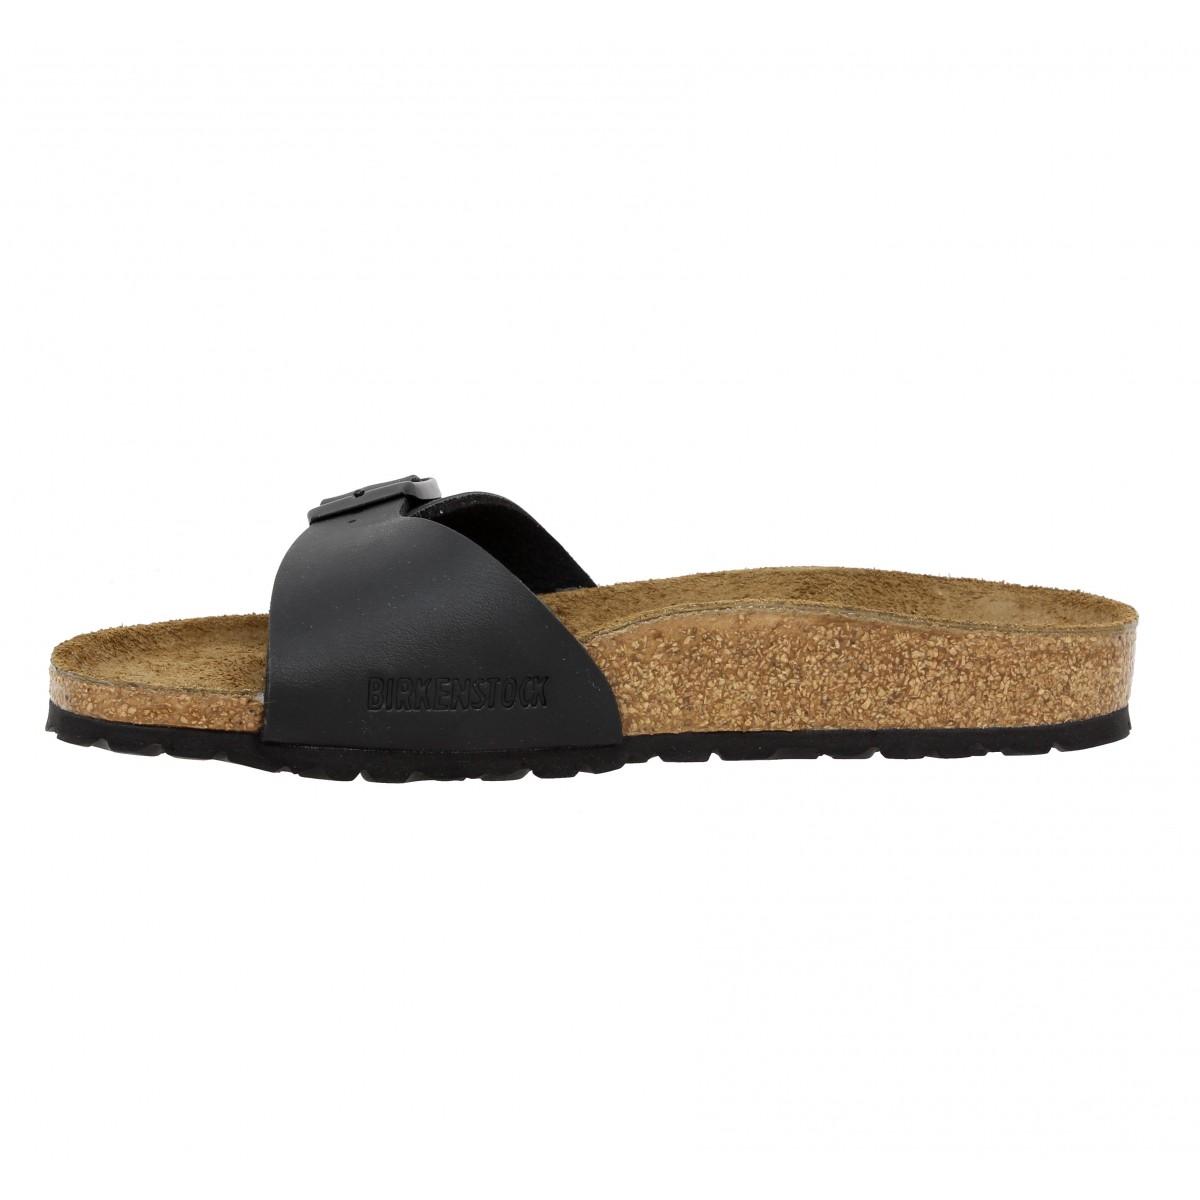 soldes birkenstock madrid birko flor femme noir fanny chaussures. Black Bedroom Furniture Sets. Home Design Ideas